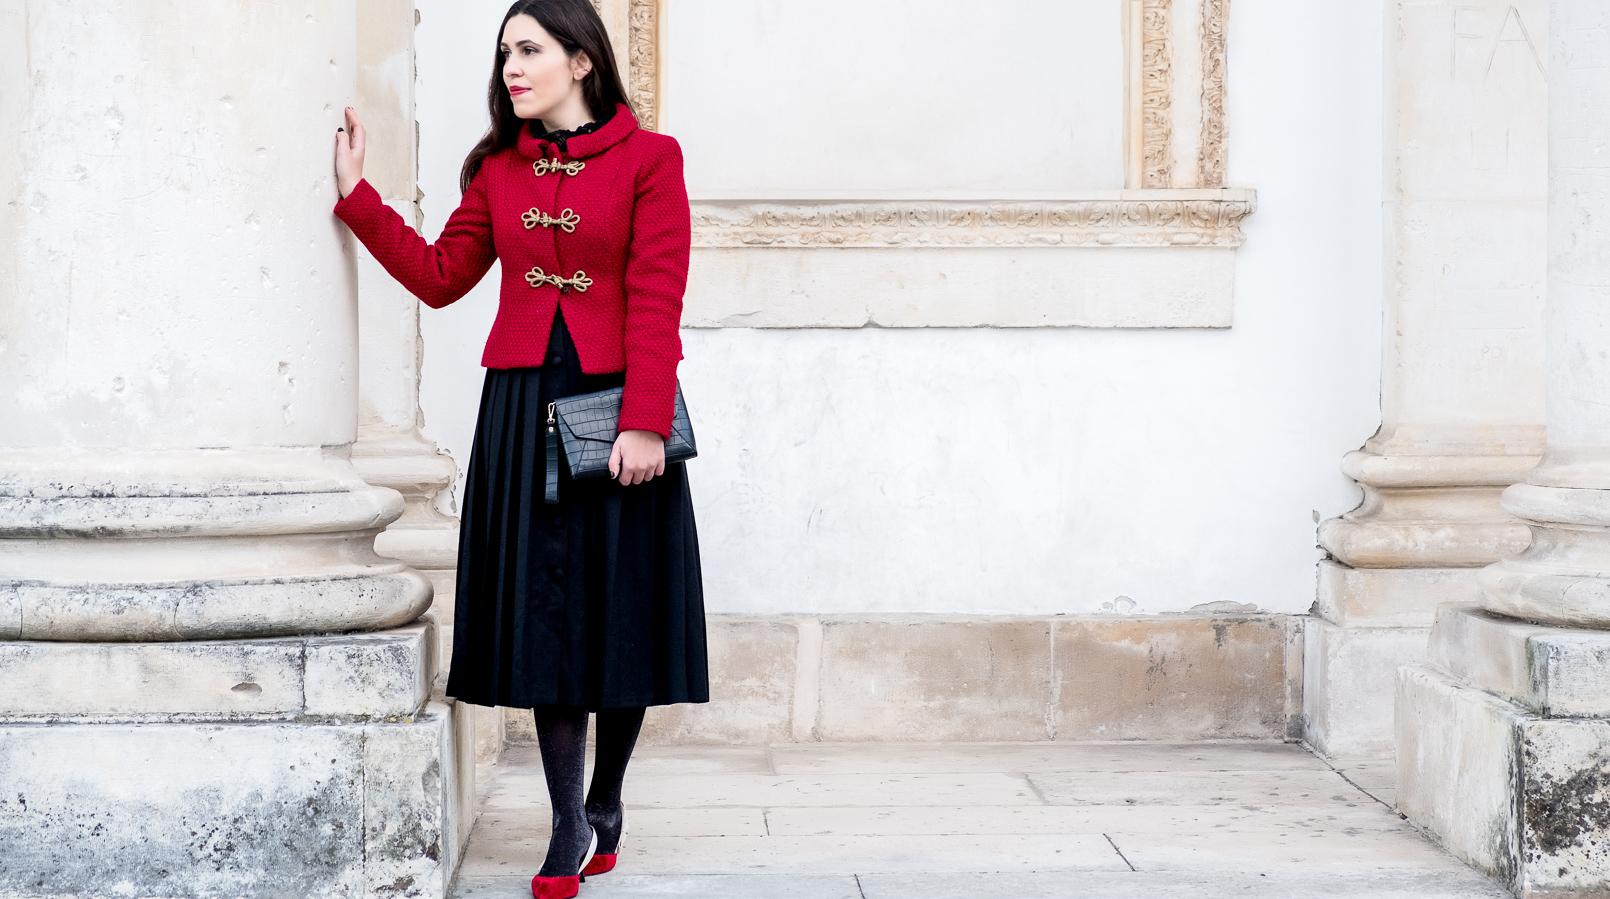 Le Fashionaire Look clássico para o natal casaco vermelho la brilhos alamares dourados lanidor saia preta botoes comprida rodada antiga clutch preta crocodilo parfois 6560F PT